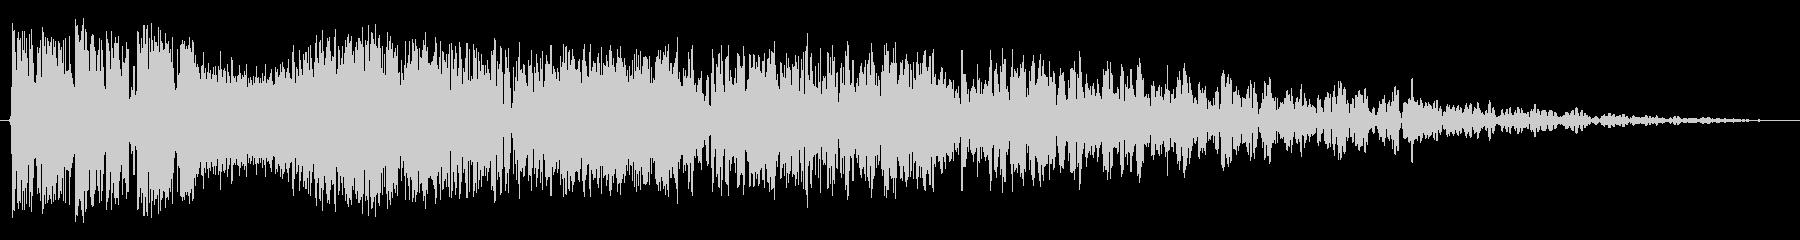 プロモーショントップ2の未再生の波形